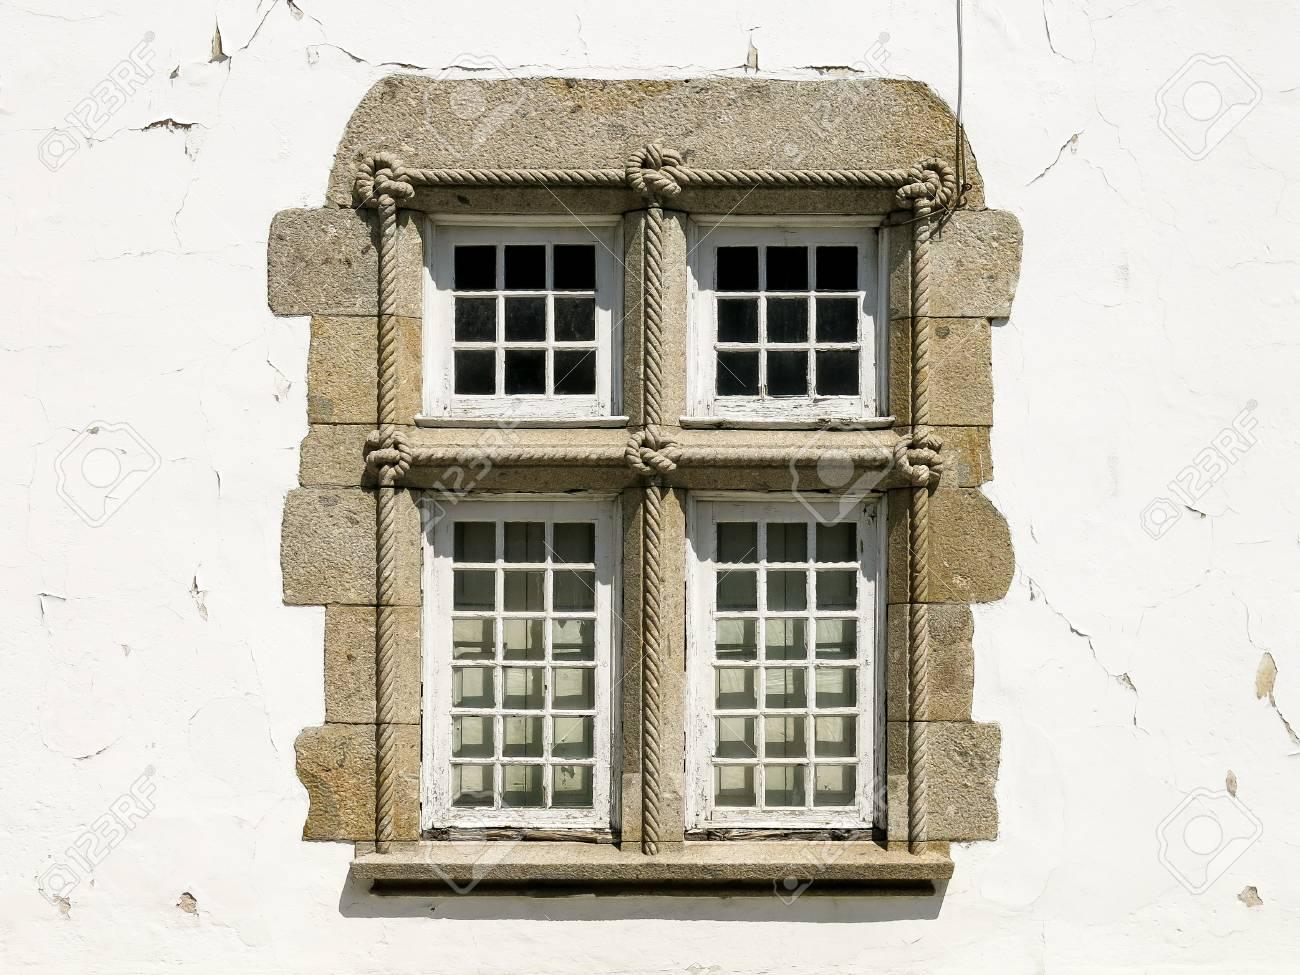 Fenster Mit Geknüpften Seil Verziert, Detail Auf Haus In Der Stadt ...